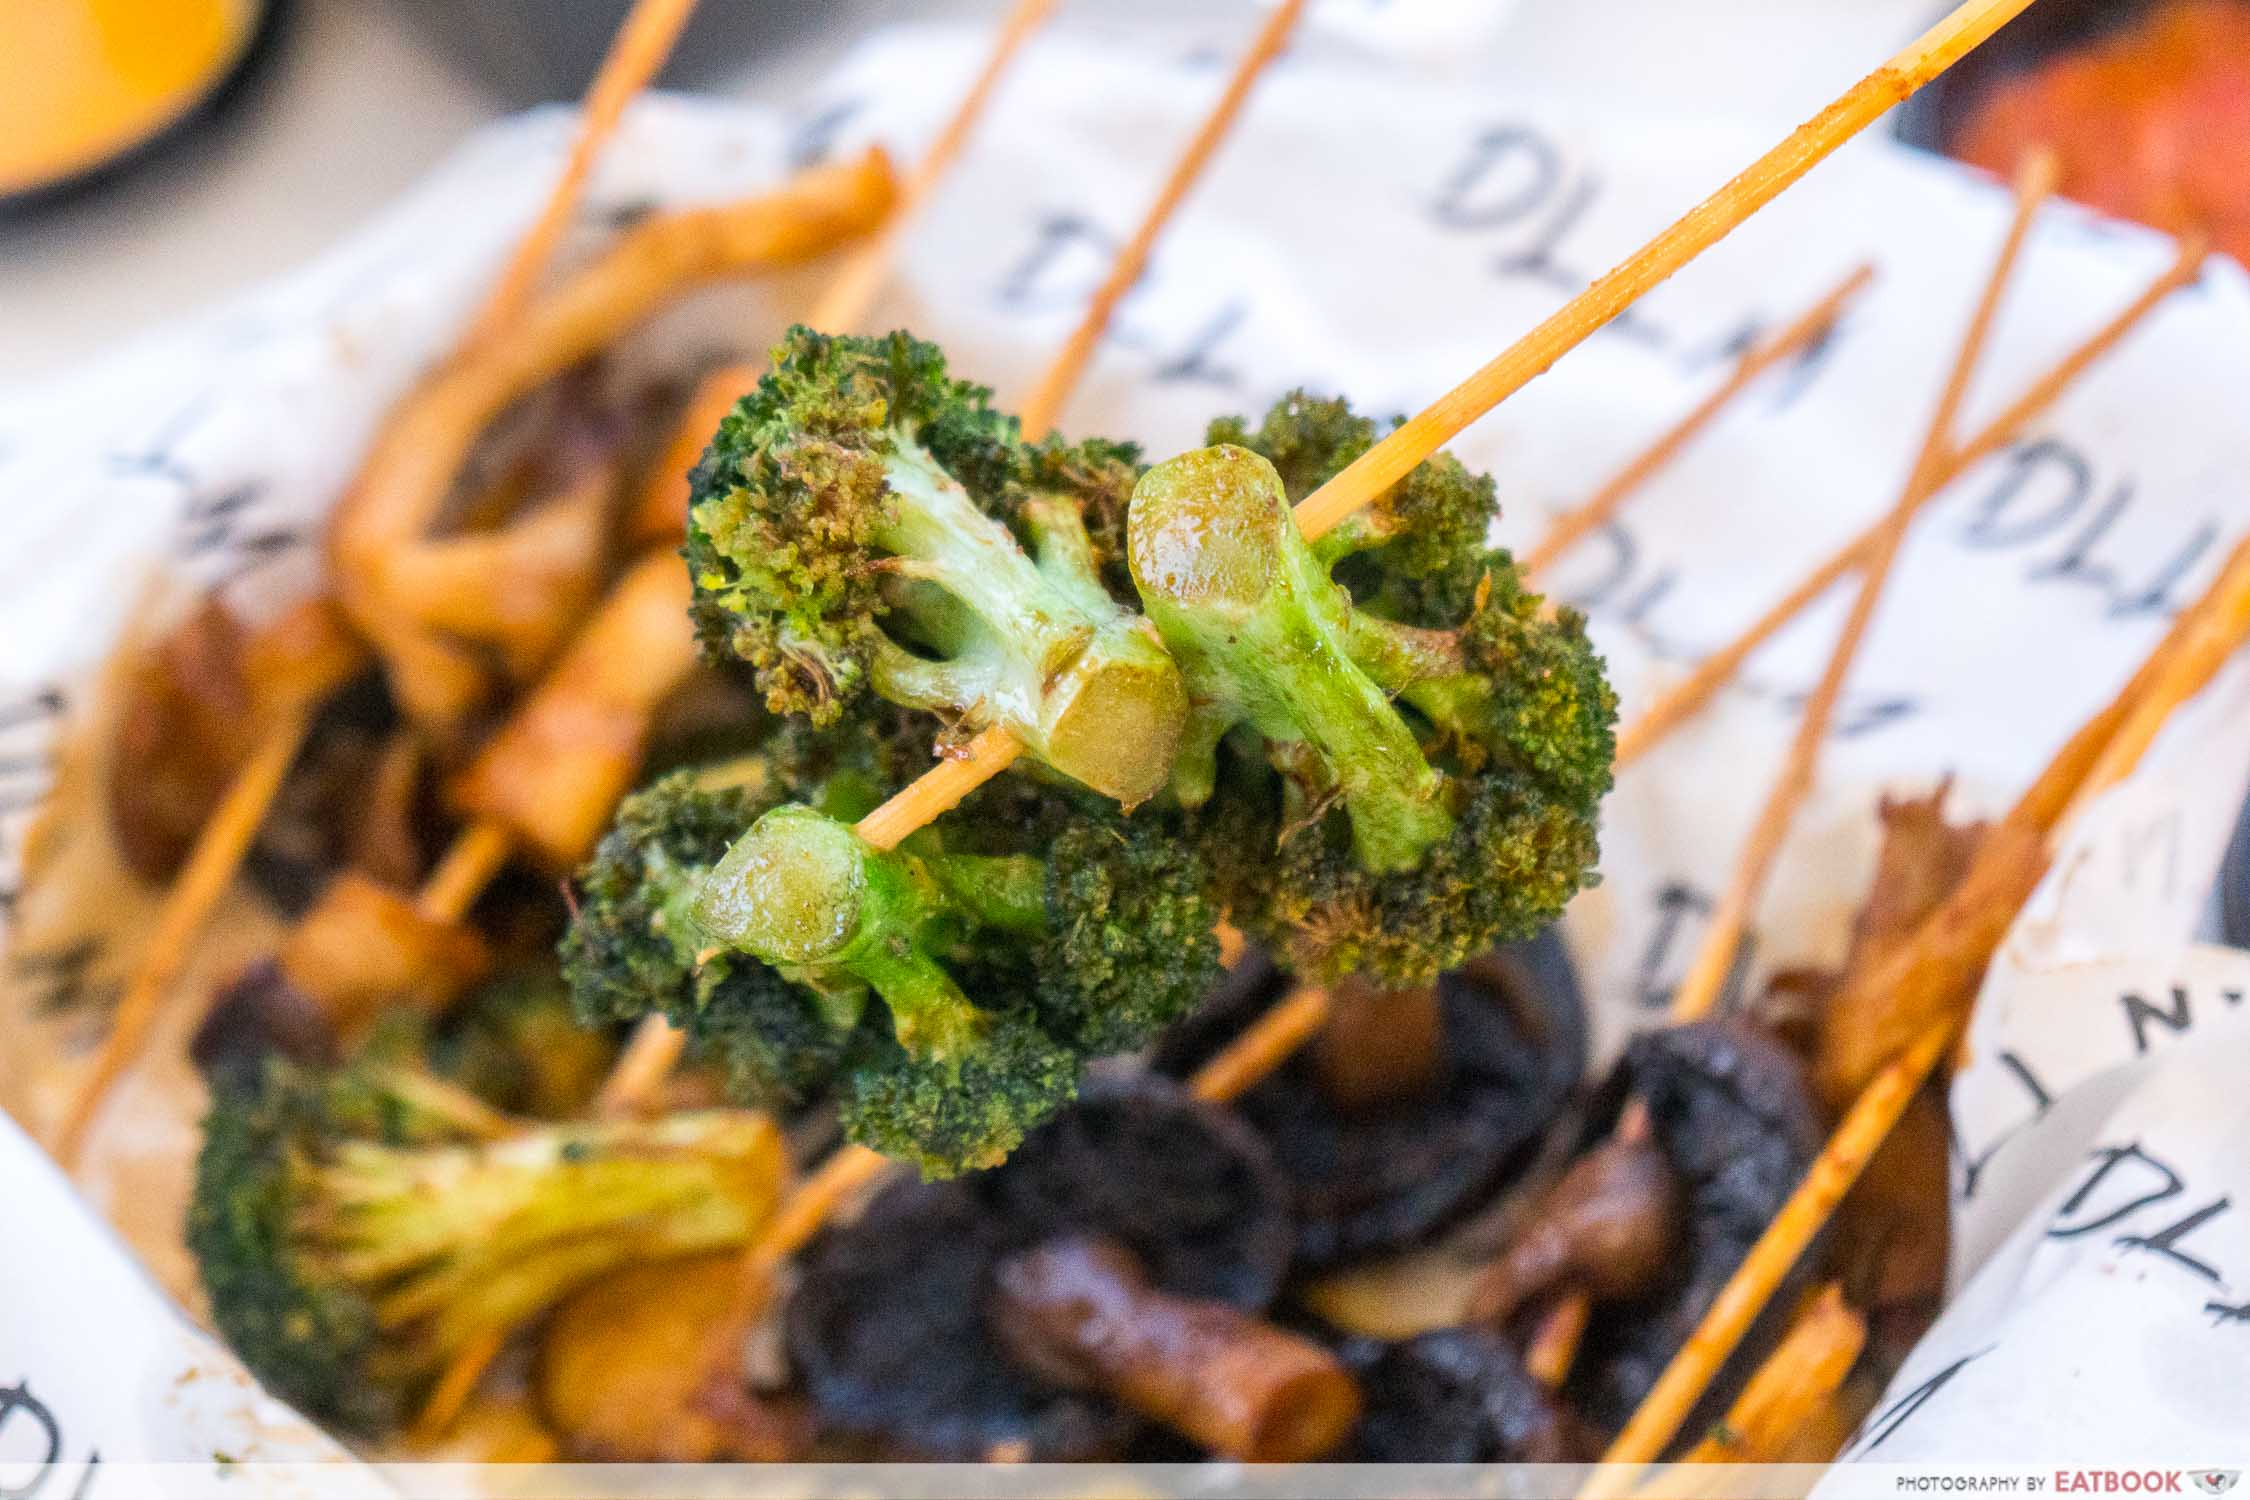 DLLM Lok Lok - broccoli